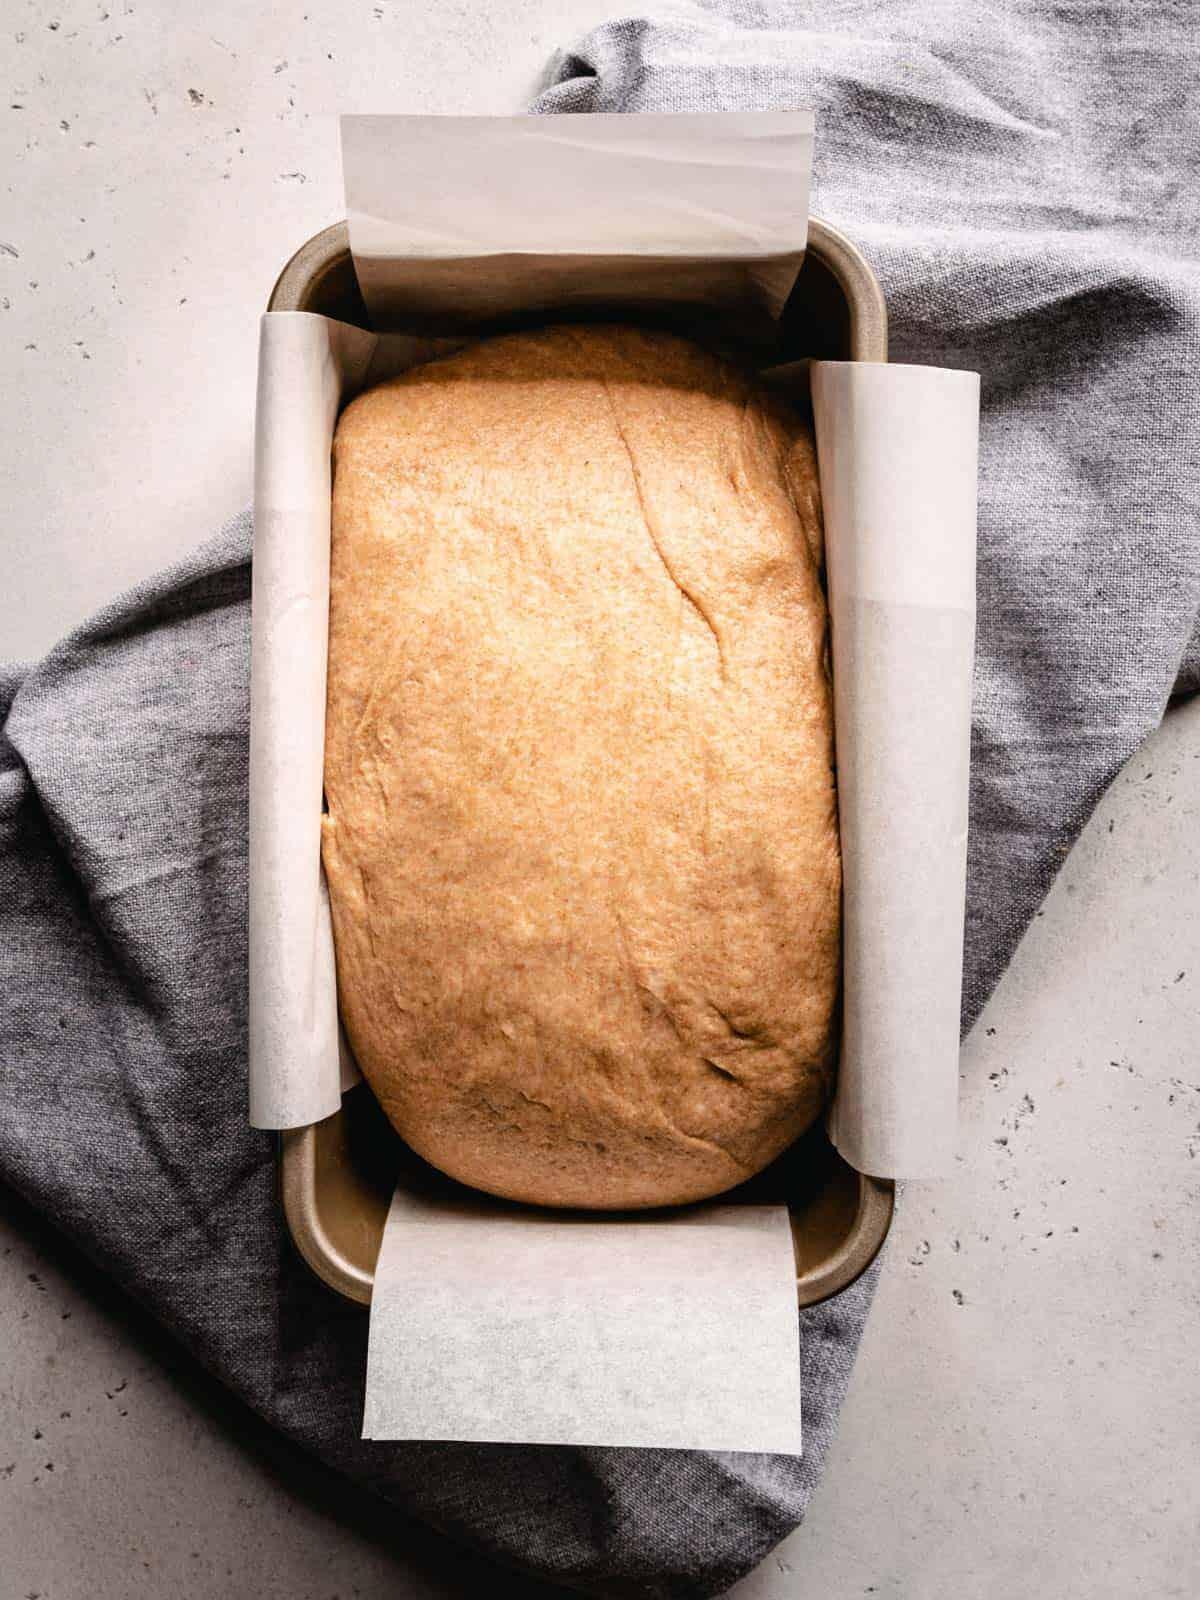 proofed sandwich bread in a loaf pan